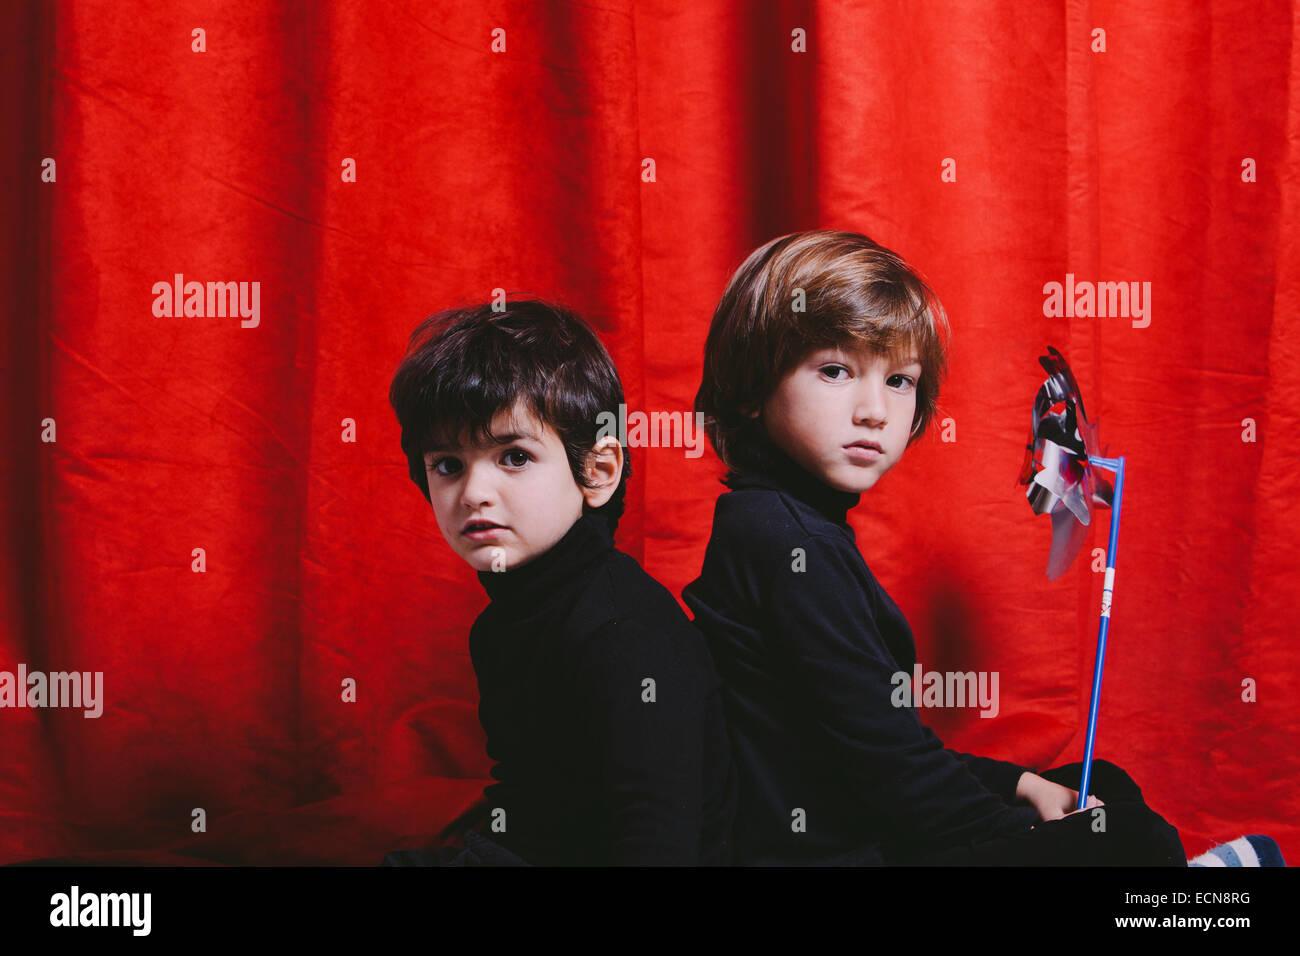 Portrait de deux garçons en sous-vêtements noirs Photo Stock